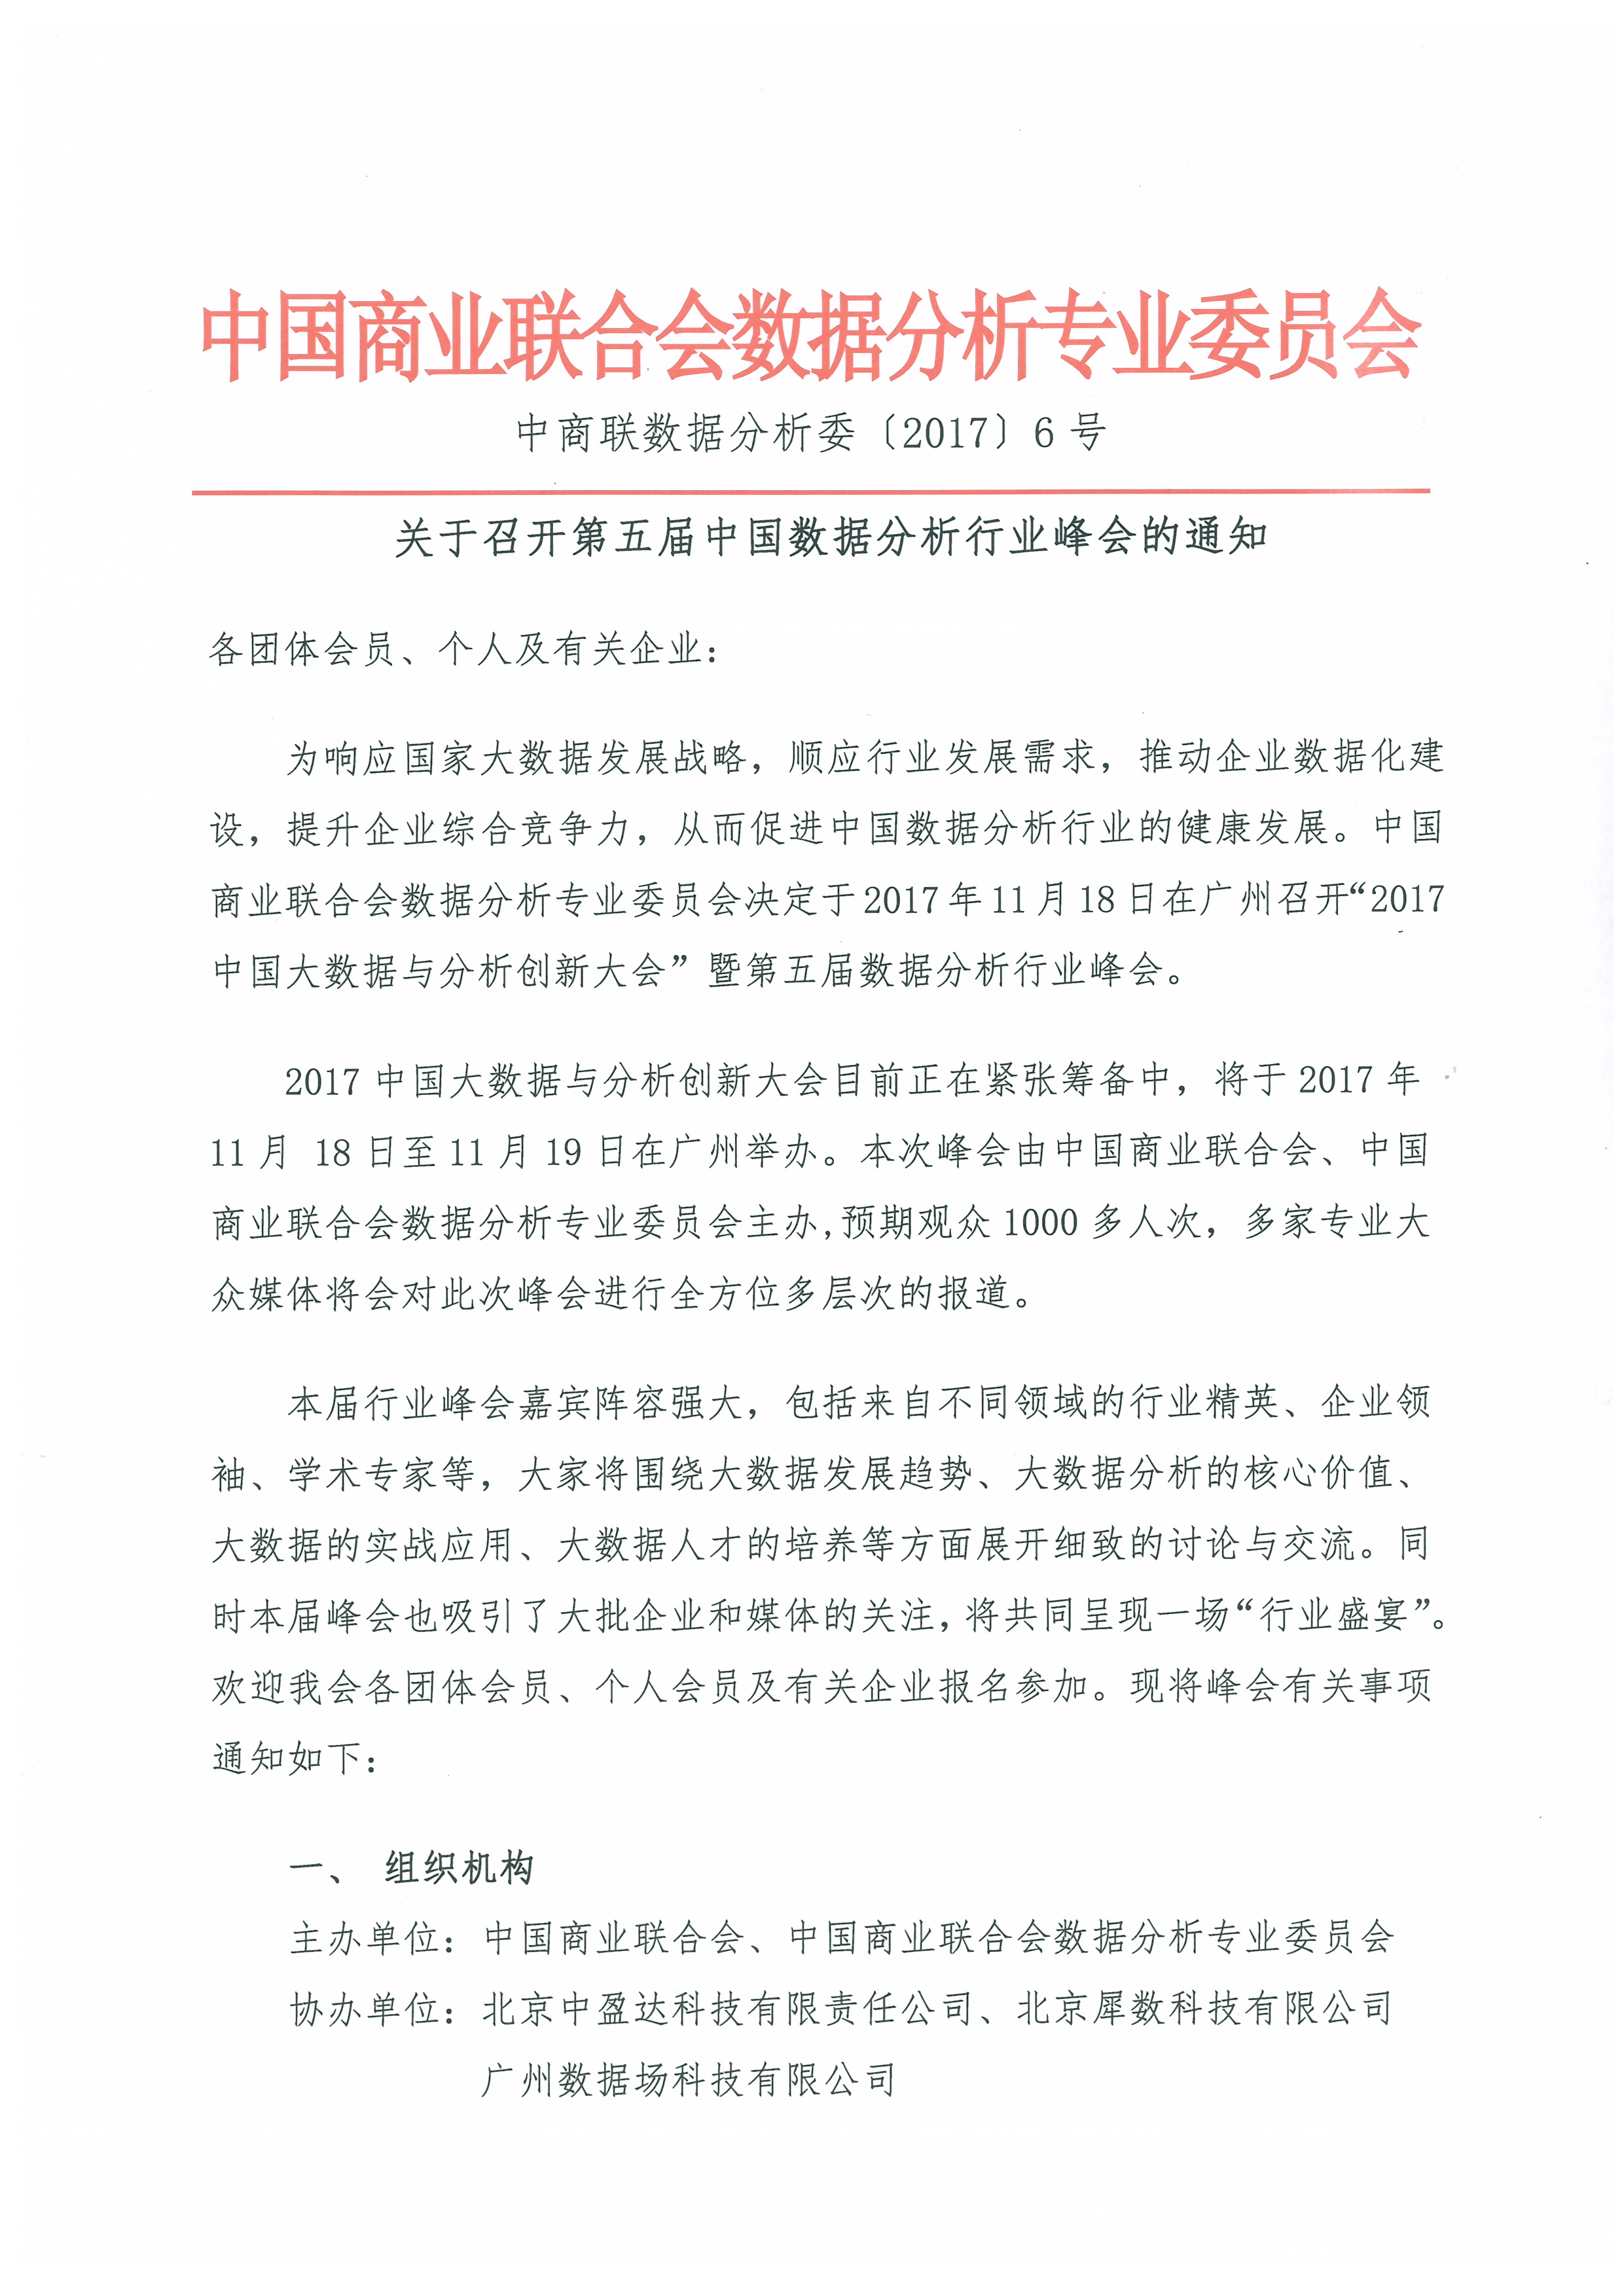 第五届中国数据分析行业峰会通知1